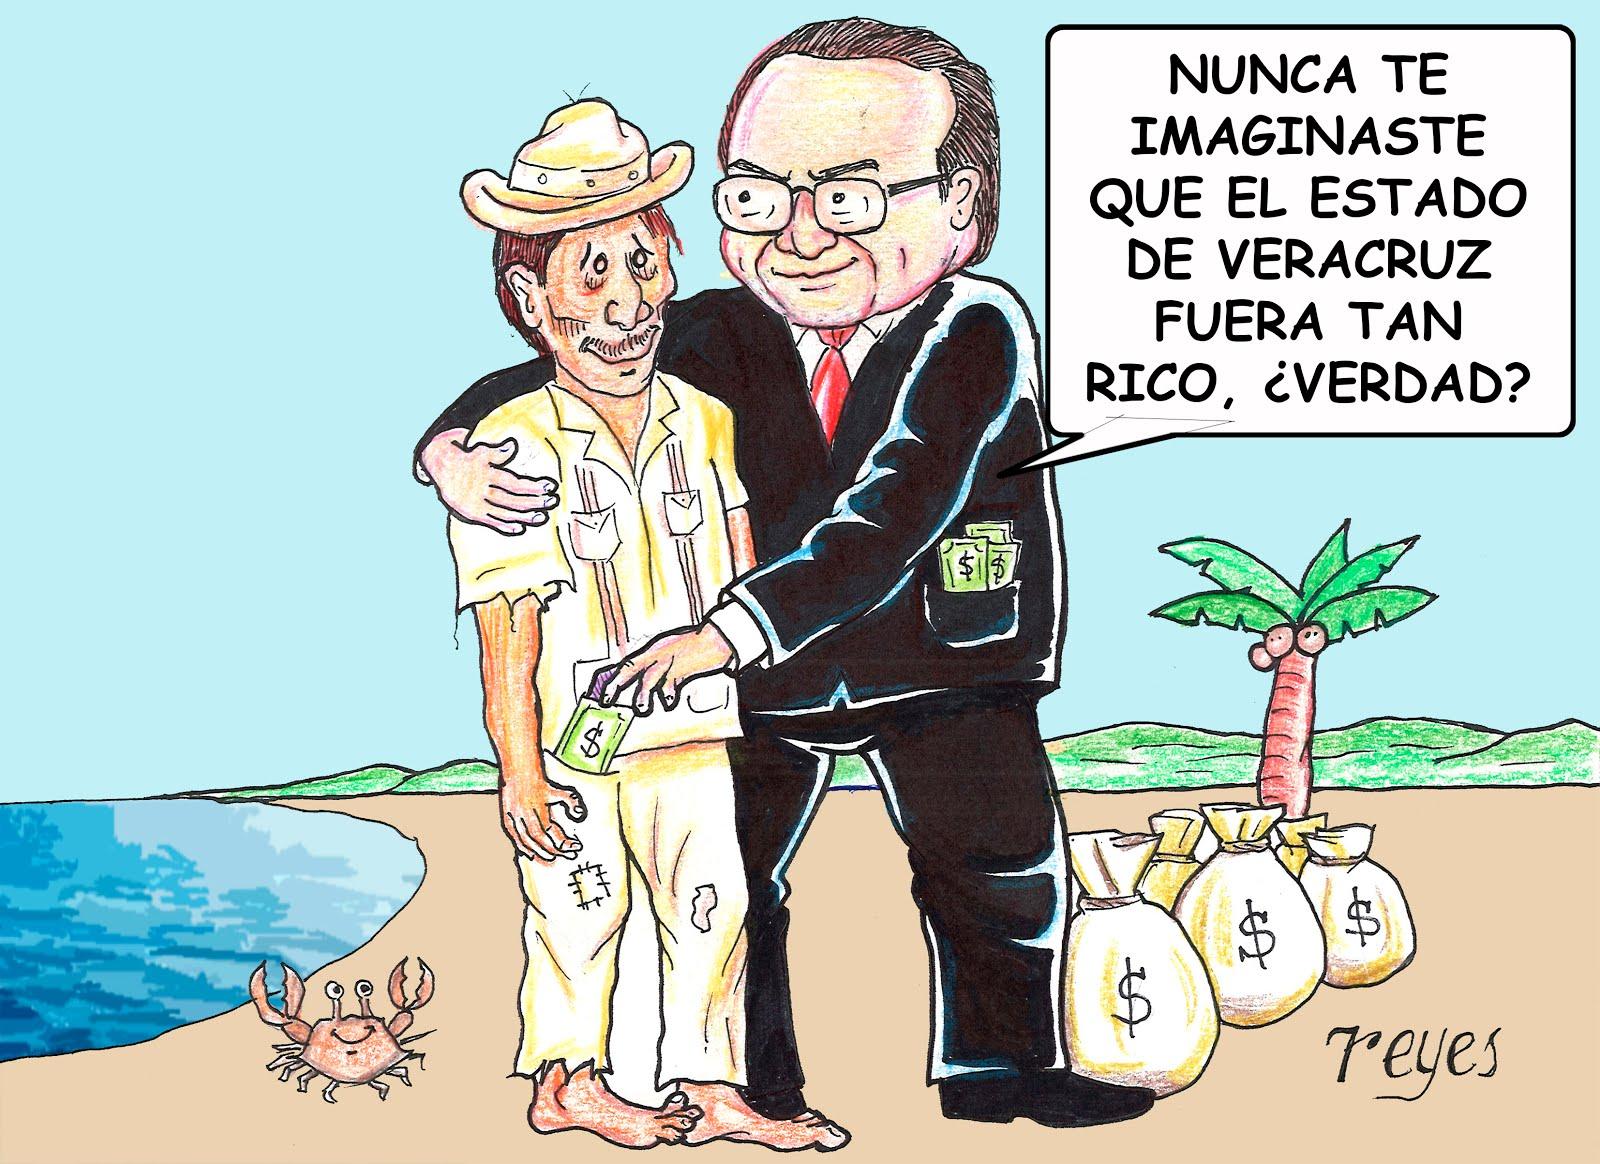 Gobernador rico, estado pobre